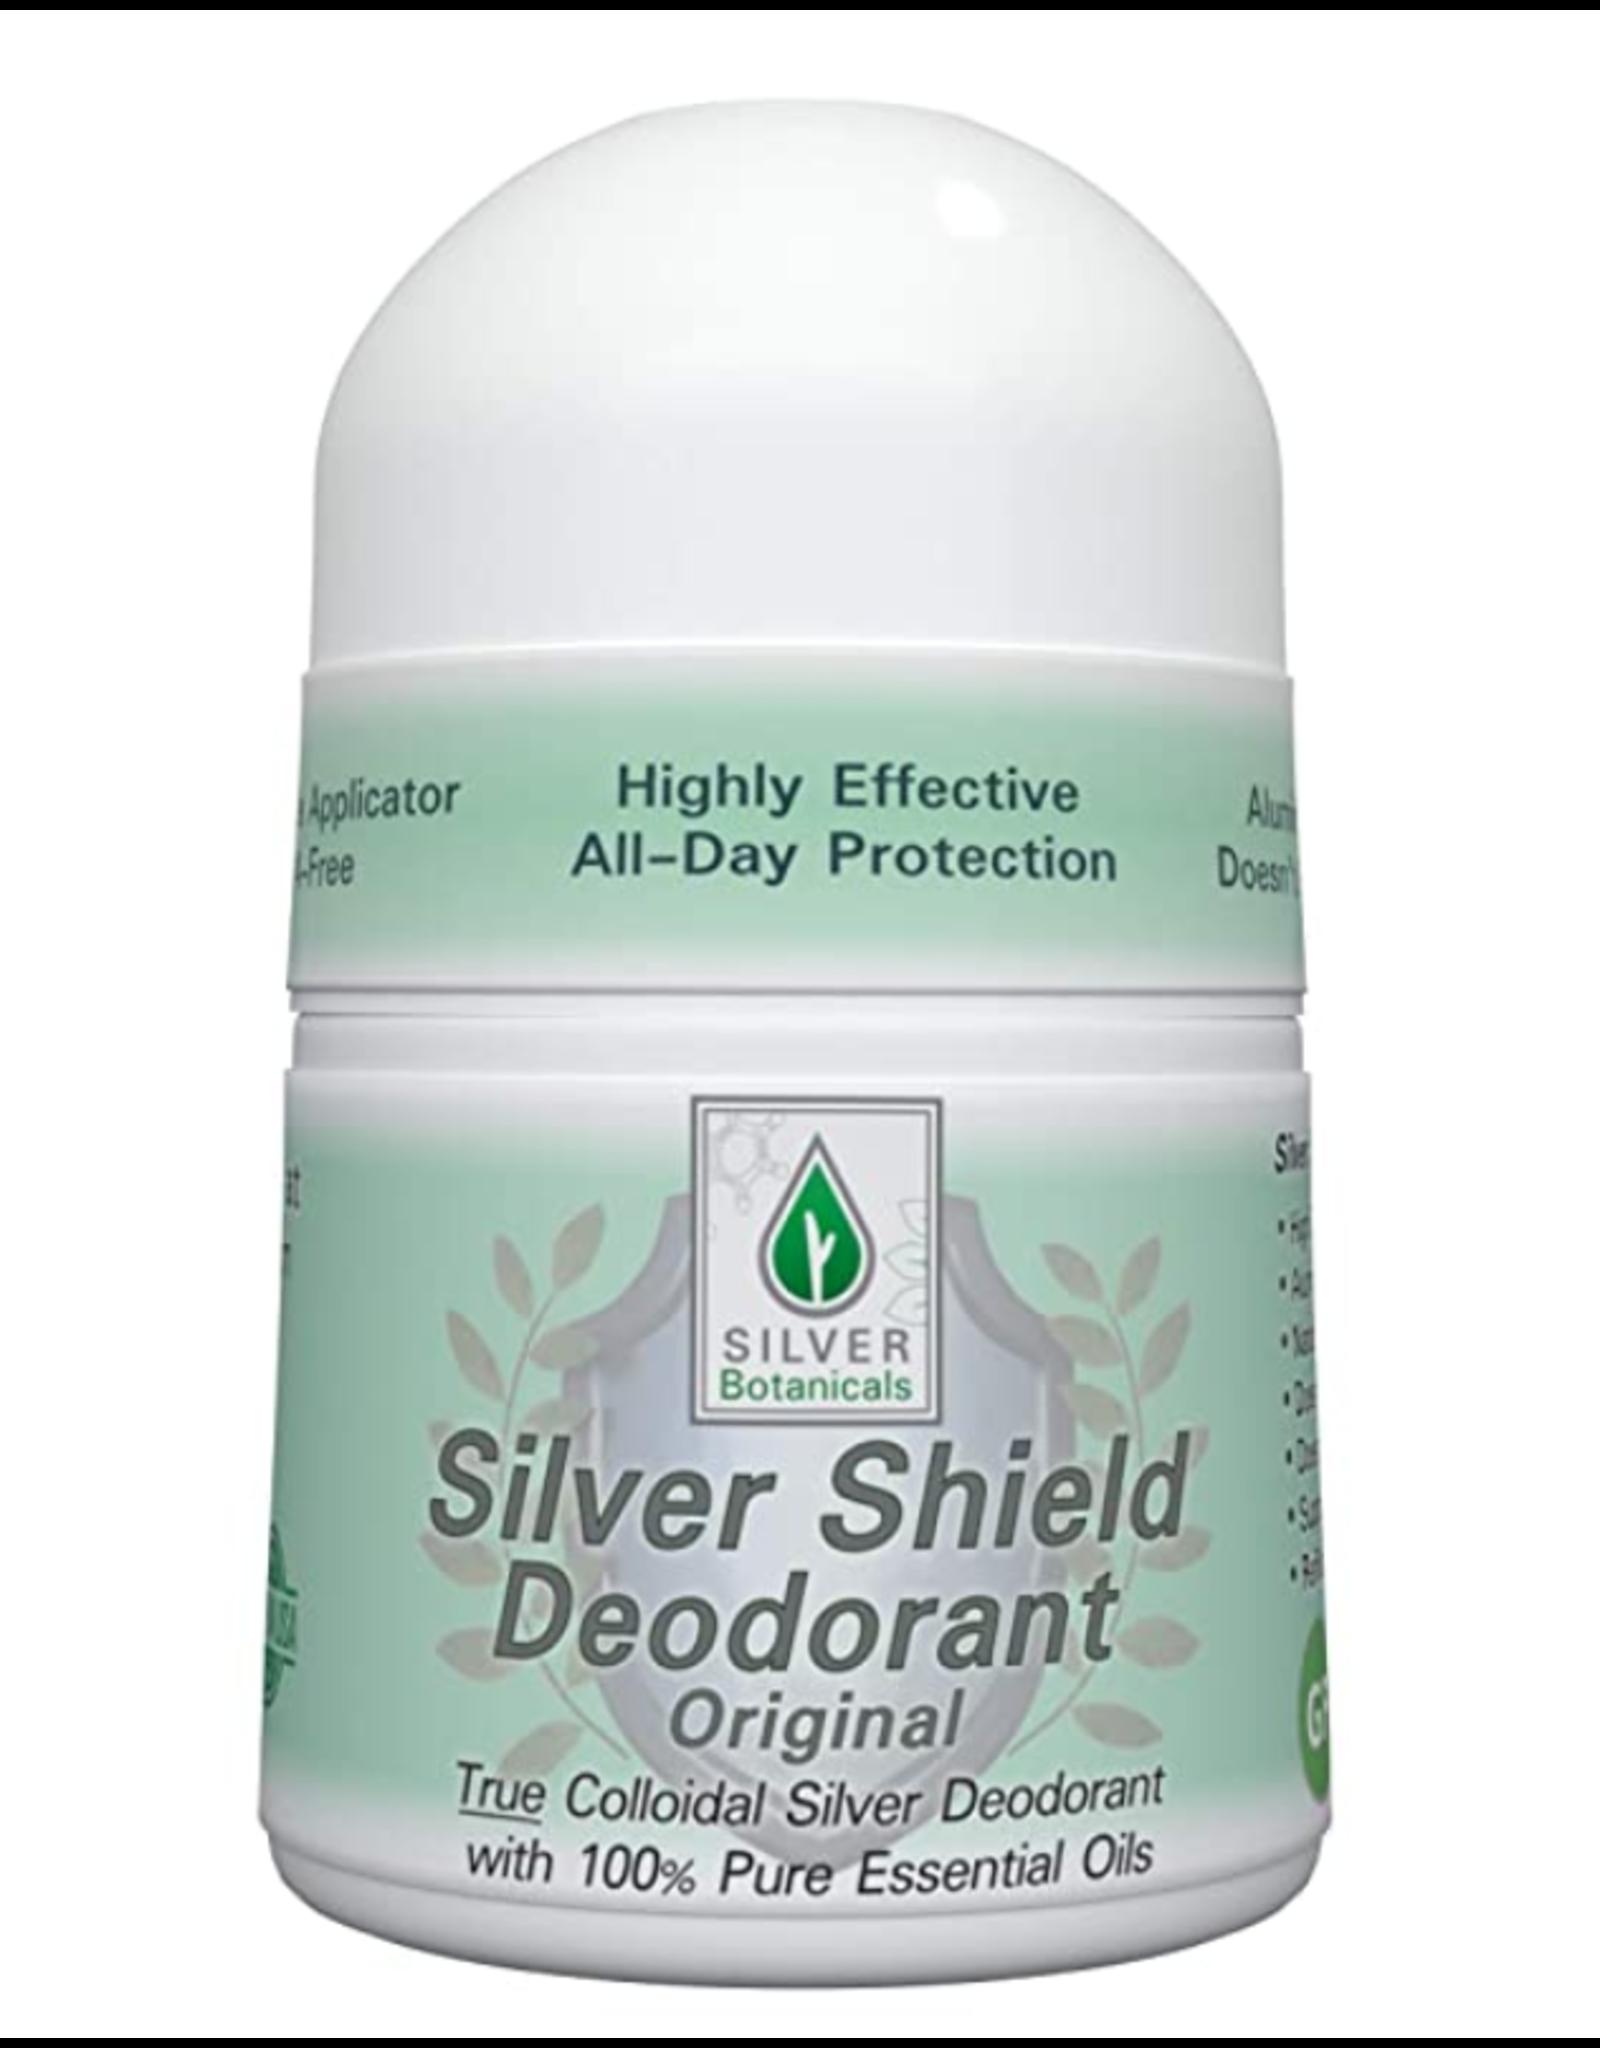 Silver Botanicals Silver Shield Deodorant, Original, Roll On 2oz